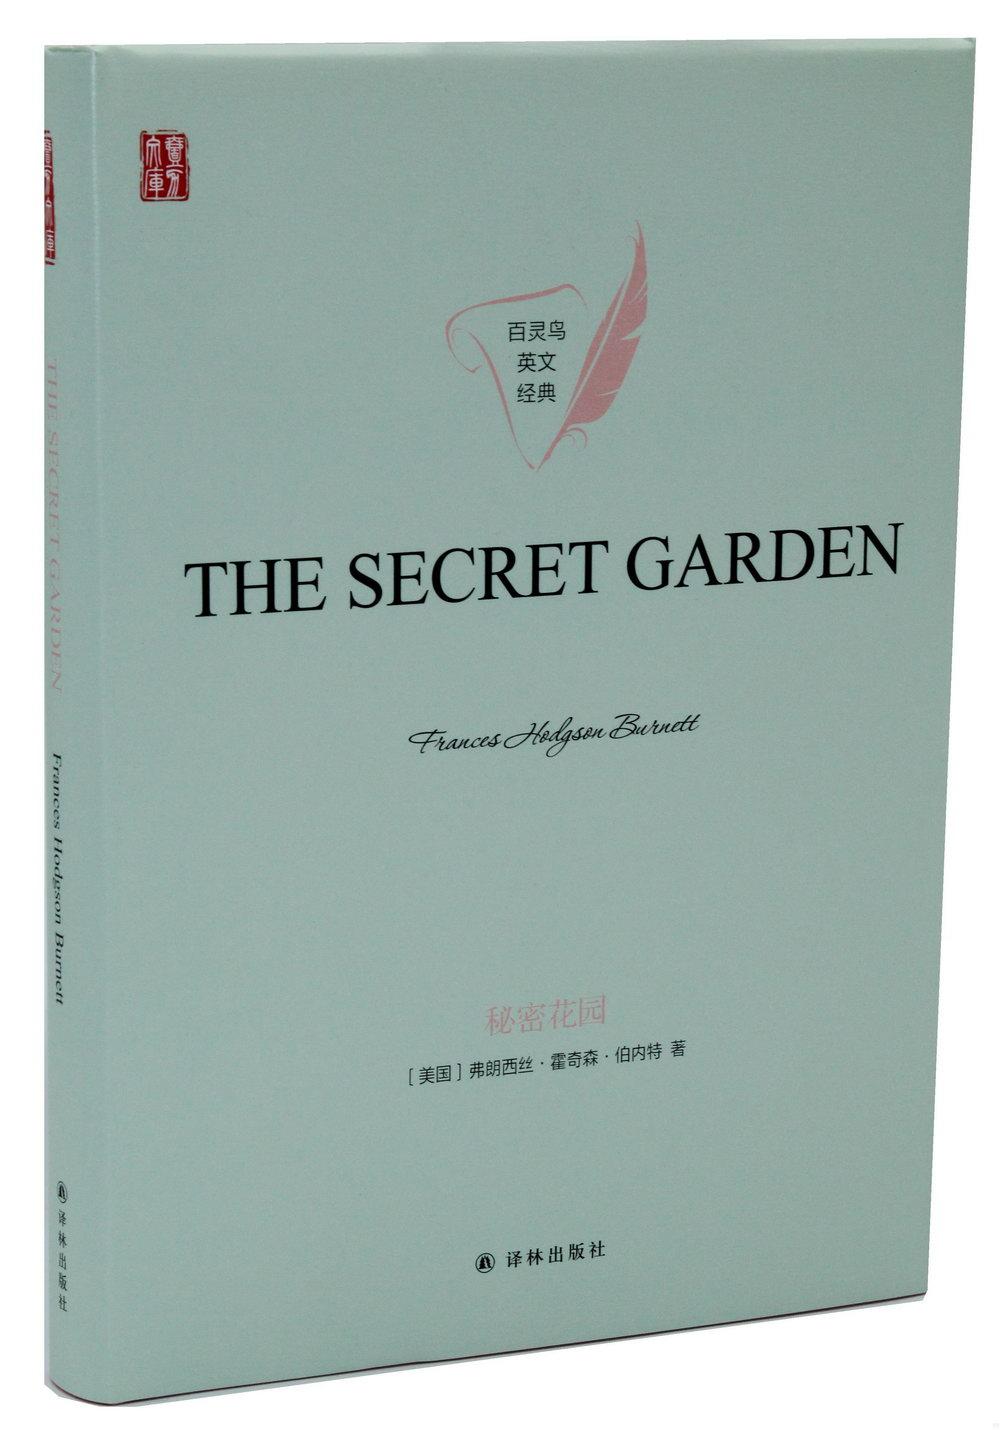 秘密花園(英文)